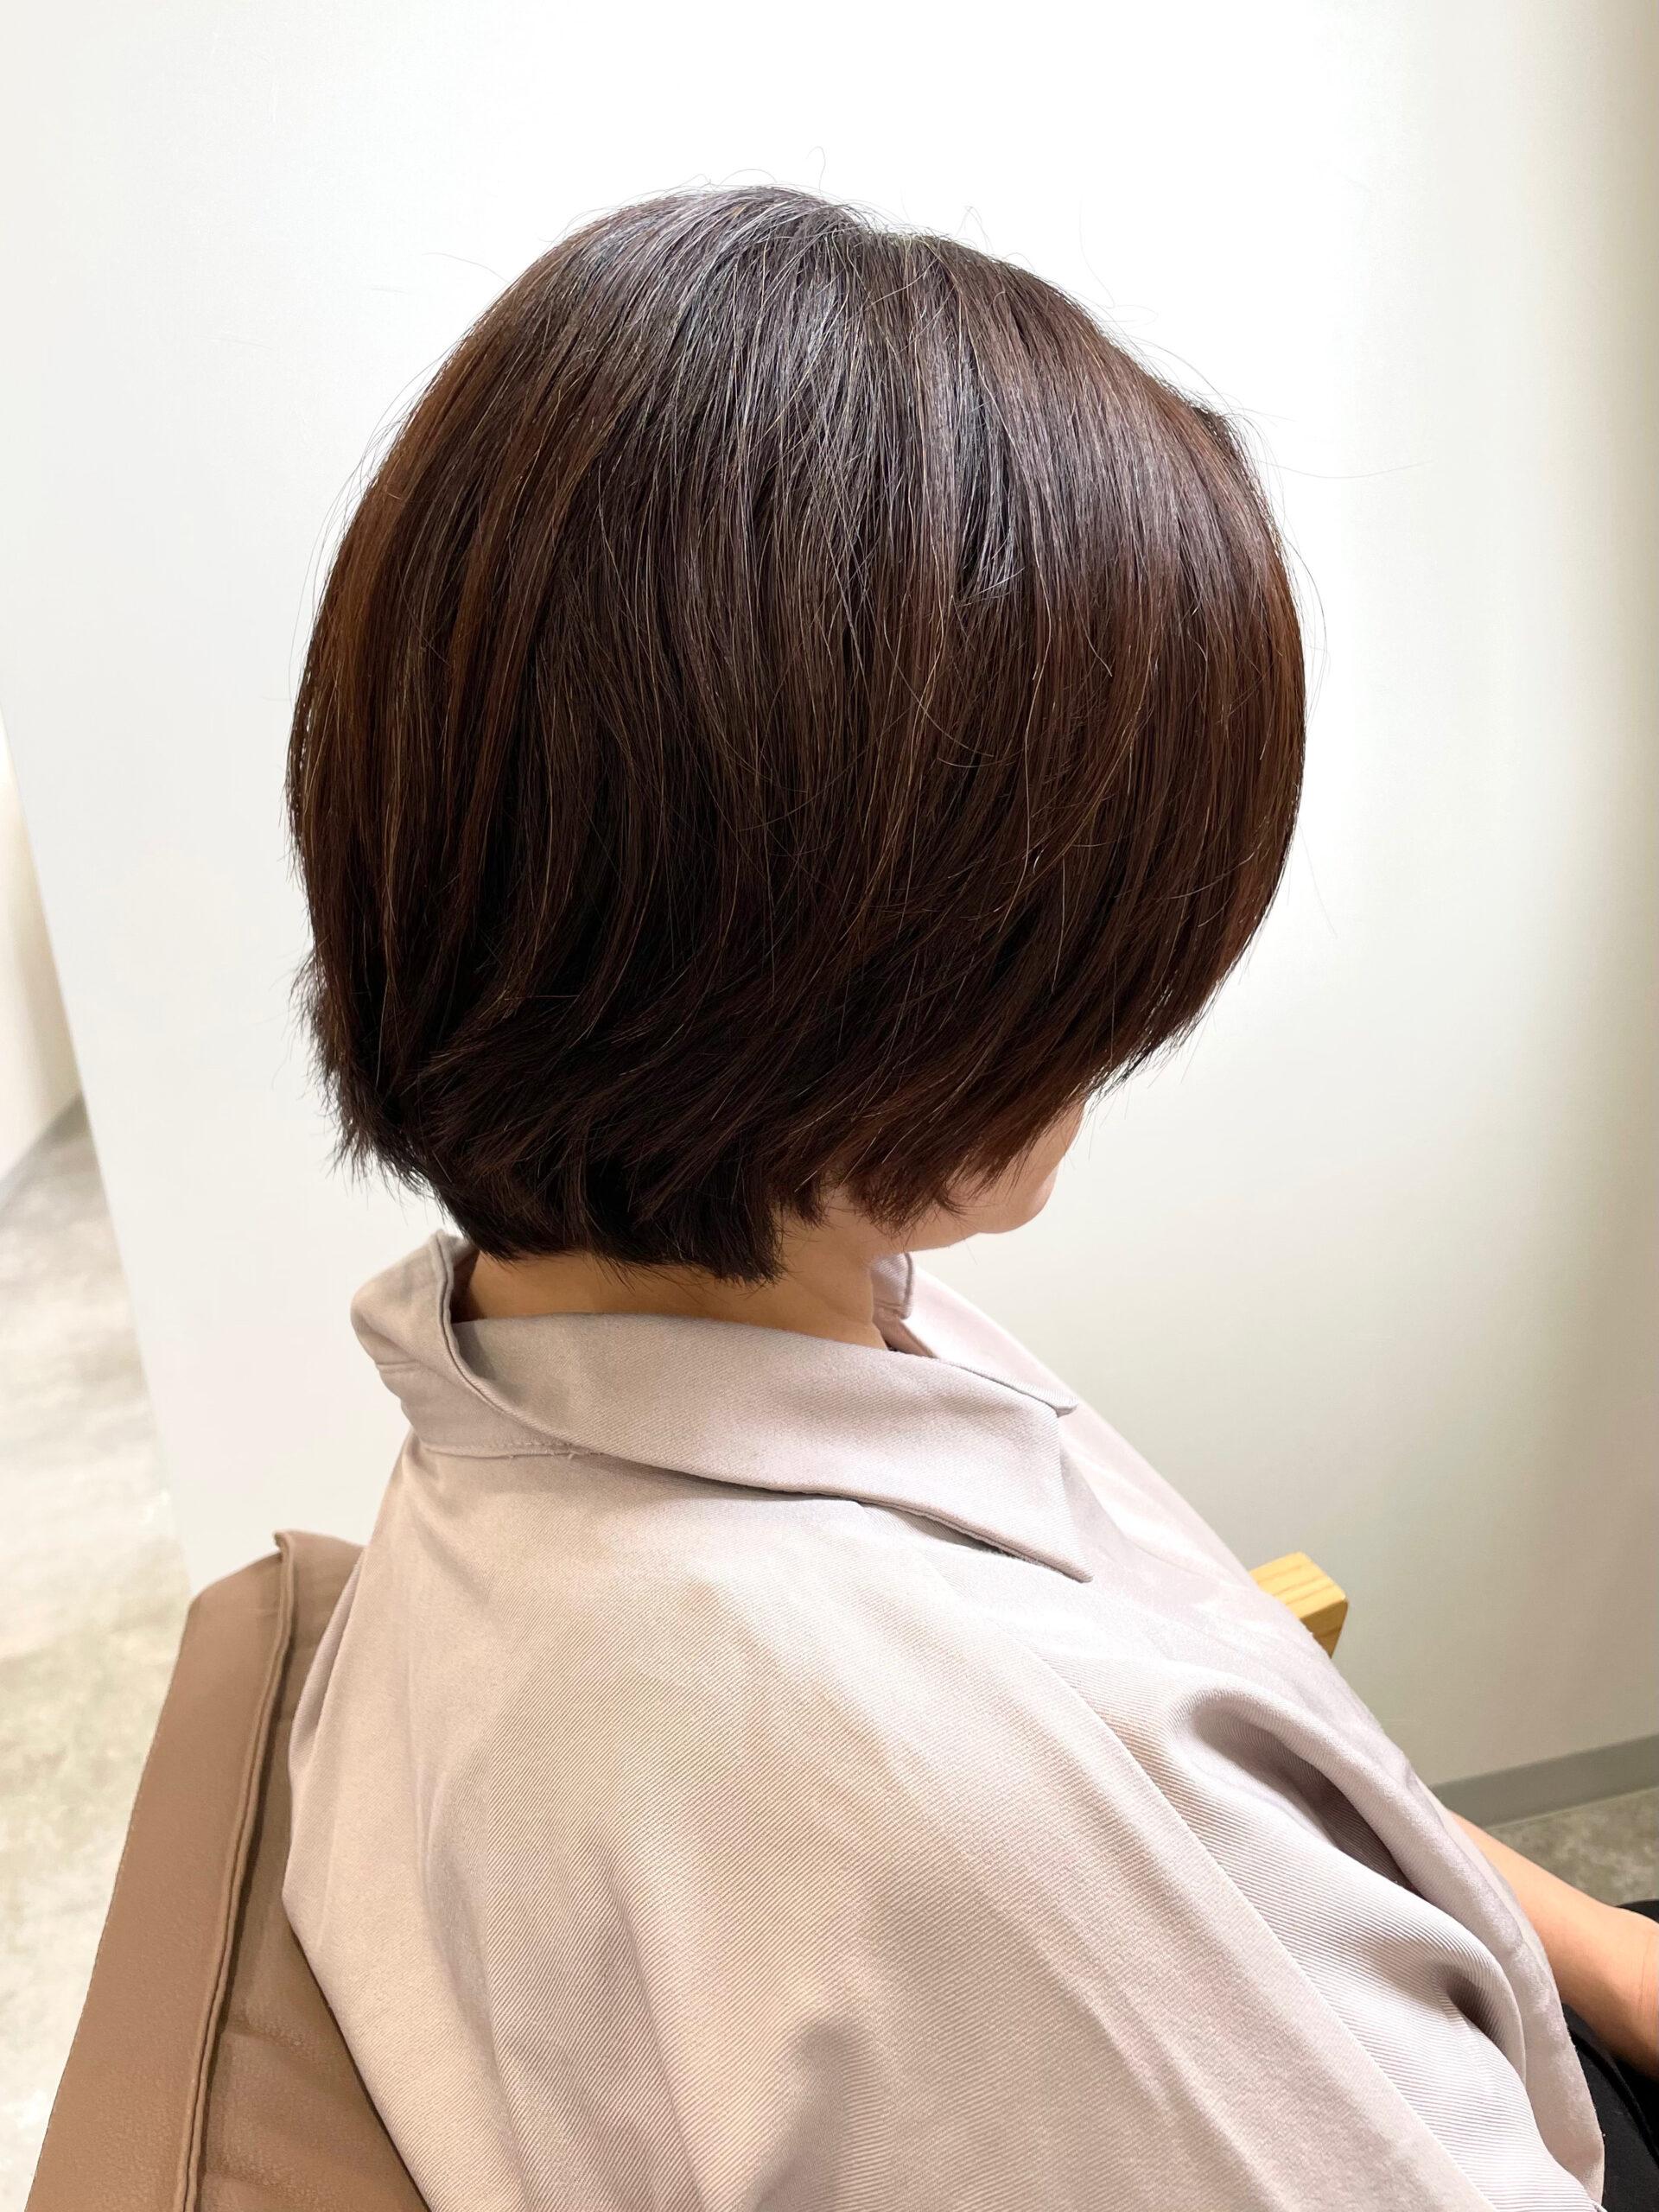 大分県別府市 重たくなった髪の毛をカットで軽い印象にフォルムチェンジ『くびれショート』 ビフォー